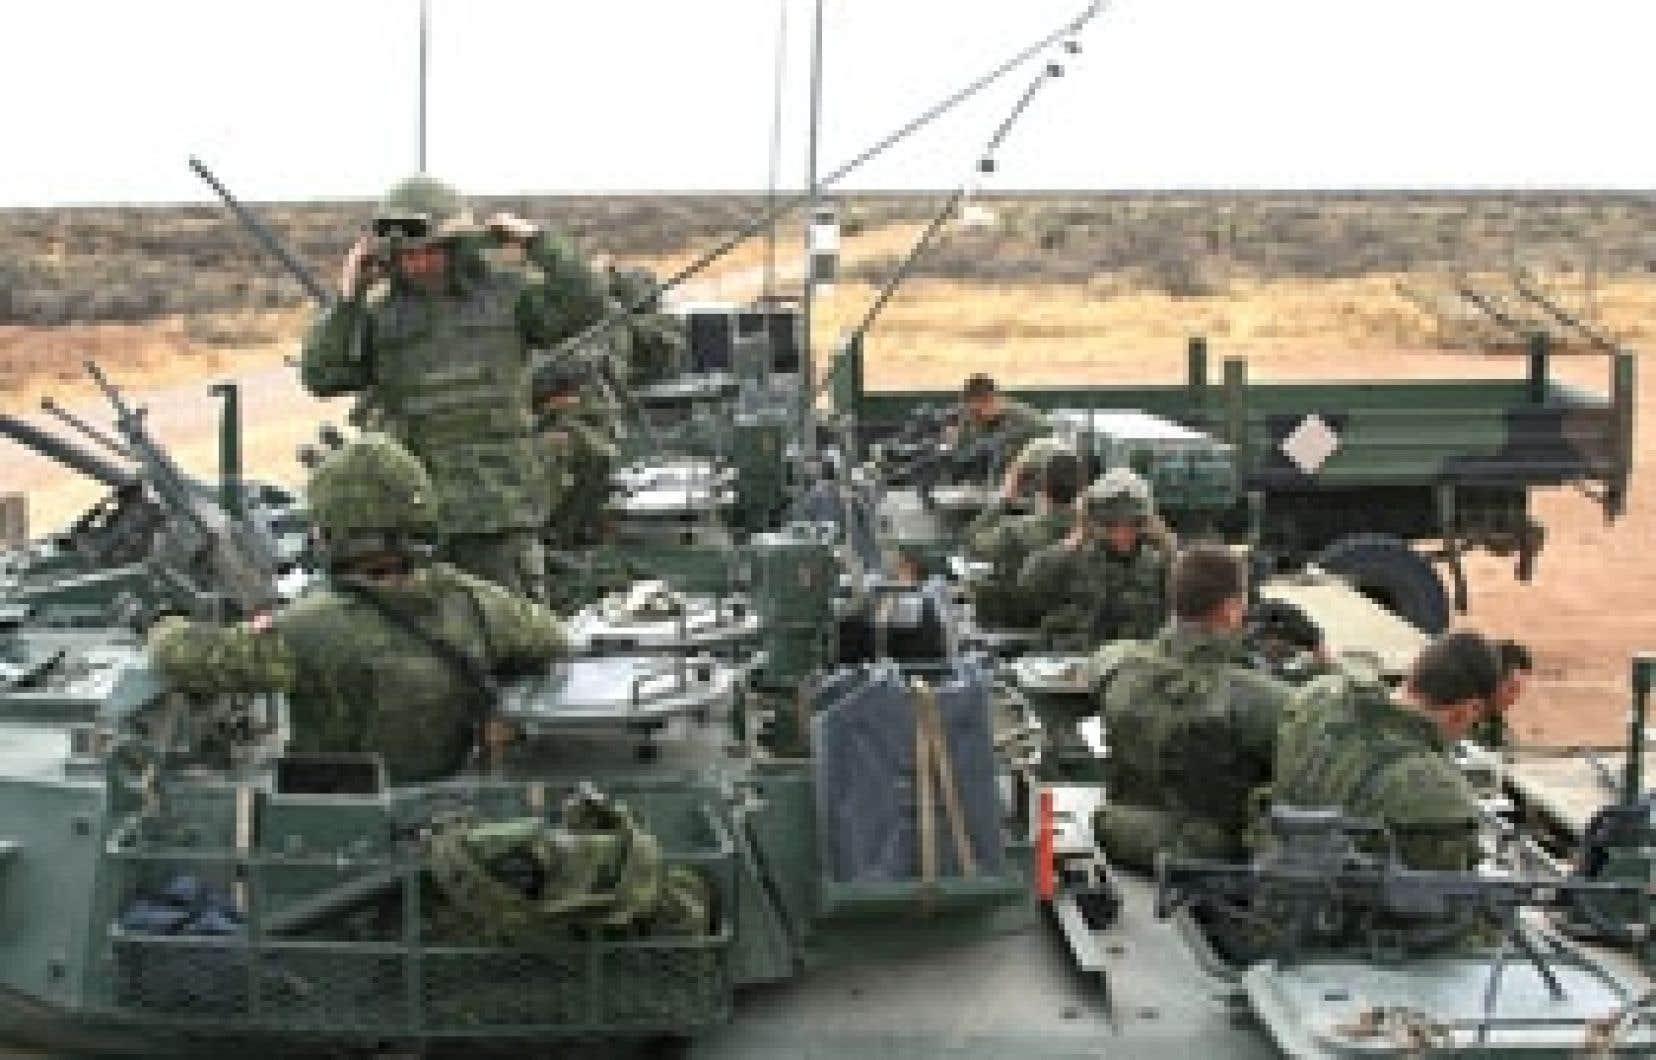 La Compagnie A du 2e Bataillon du Royal 22e Régiment de Valcartier à l'entraînement à Fort Bliss, au Texas. Photo: Alec Castonguay, Le Devoir